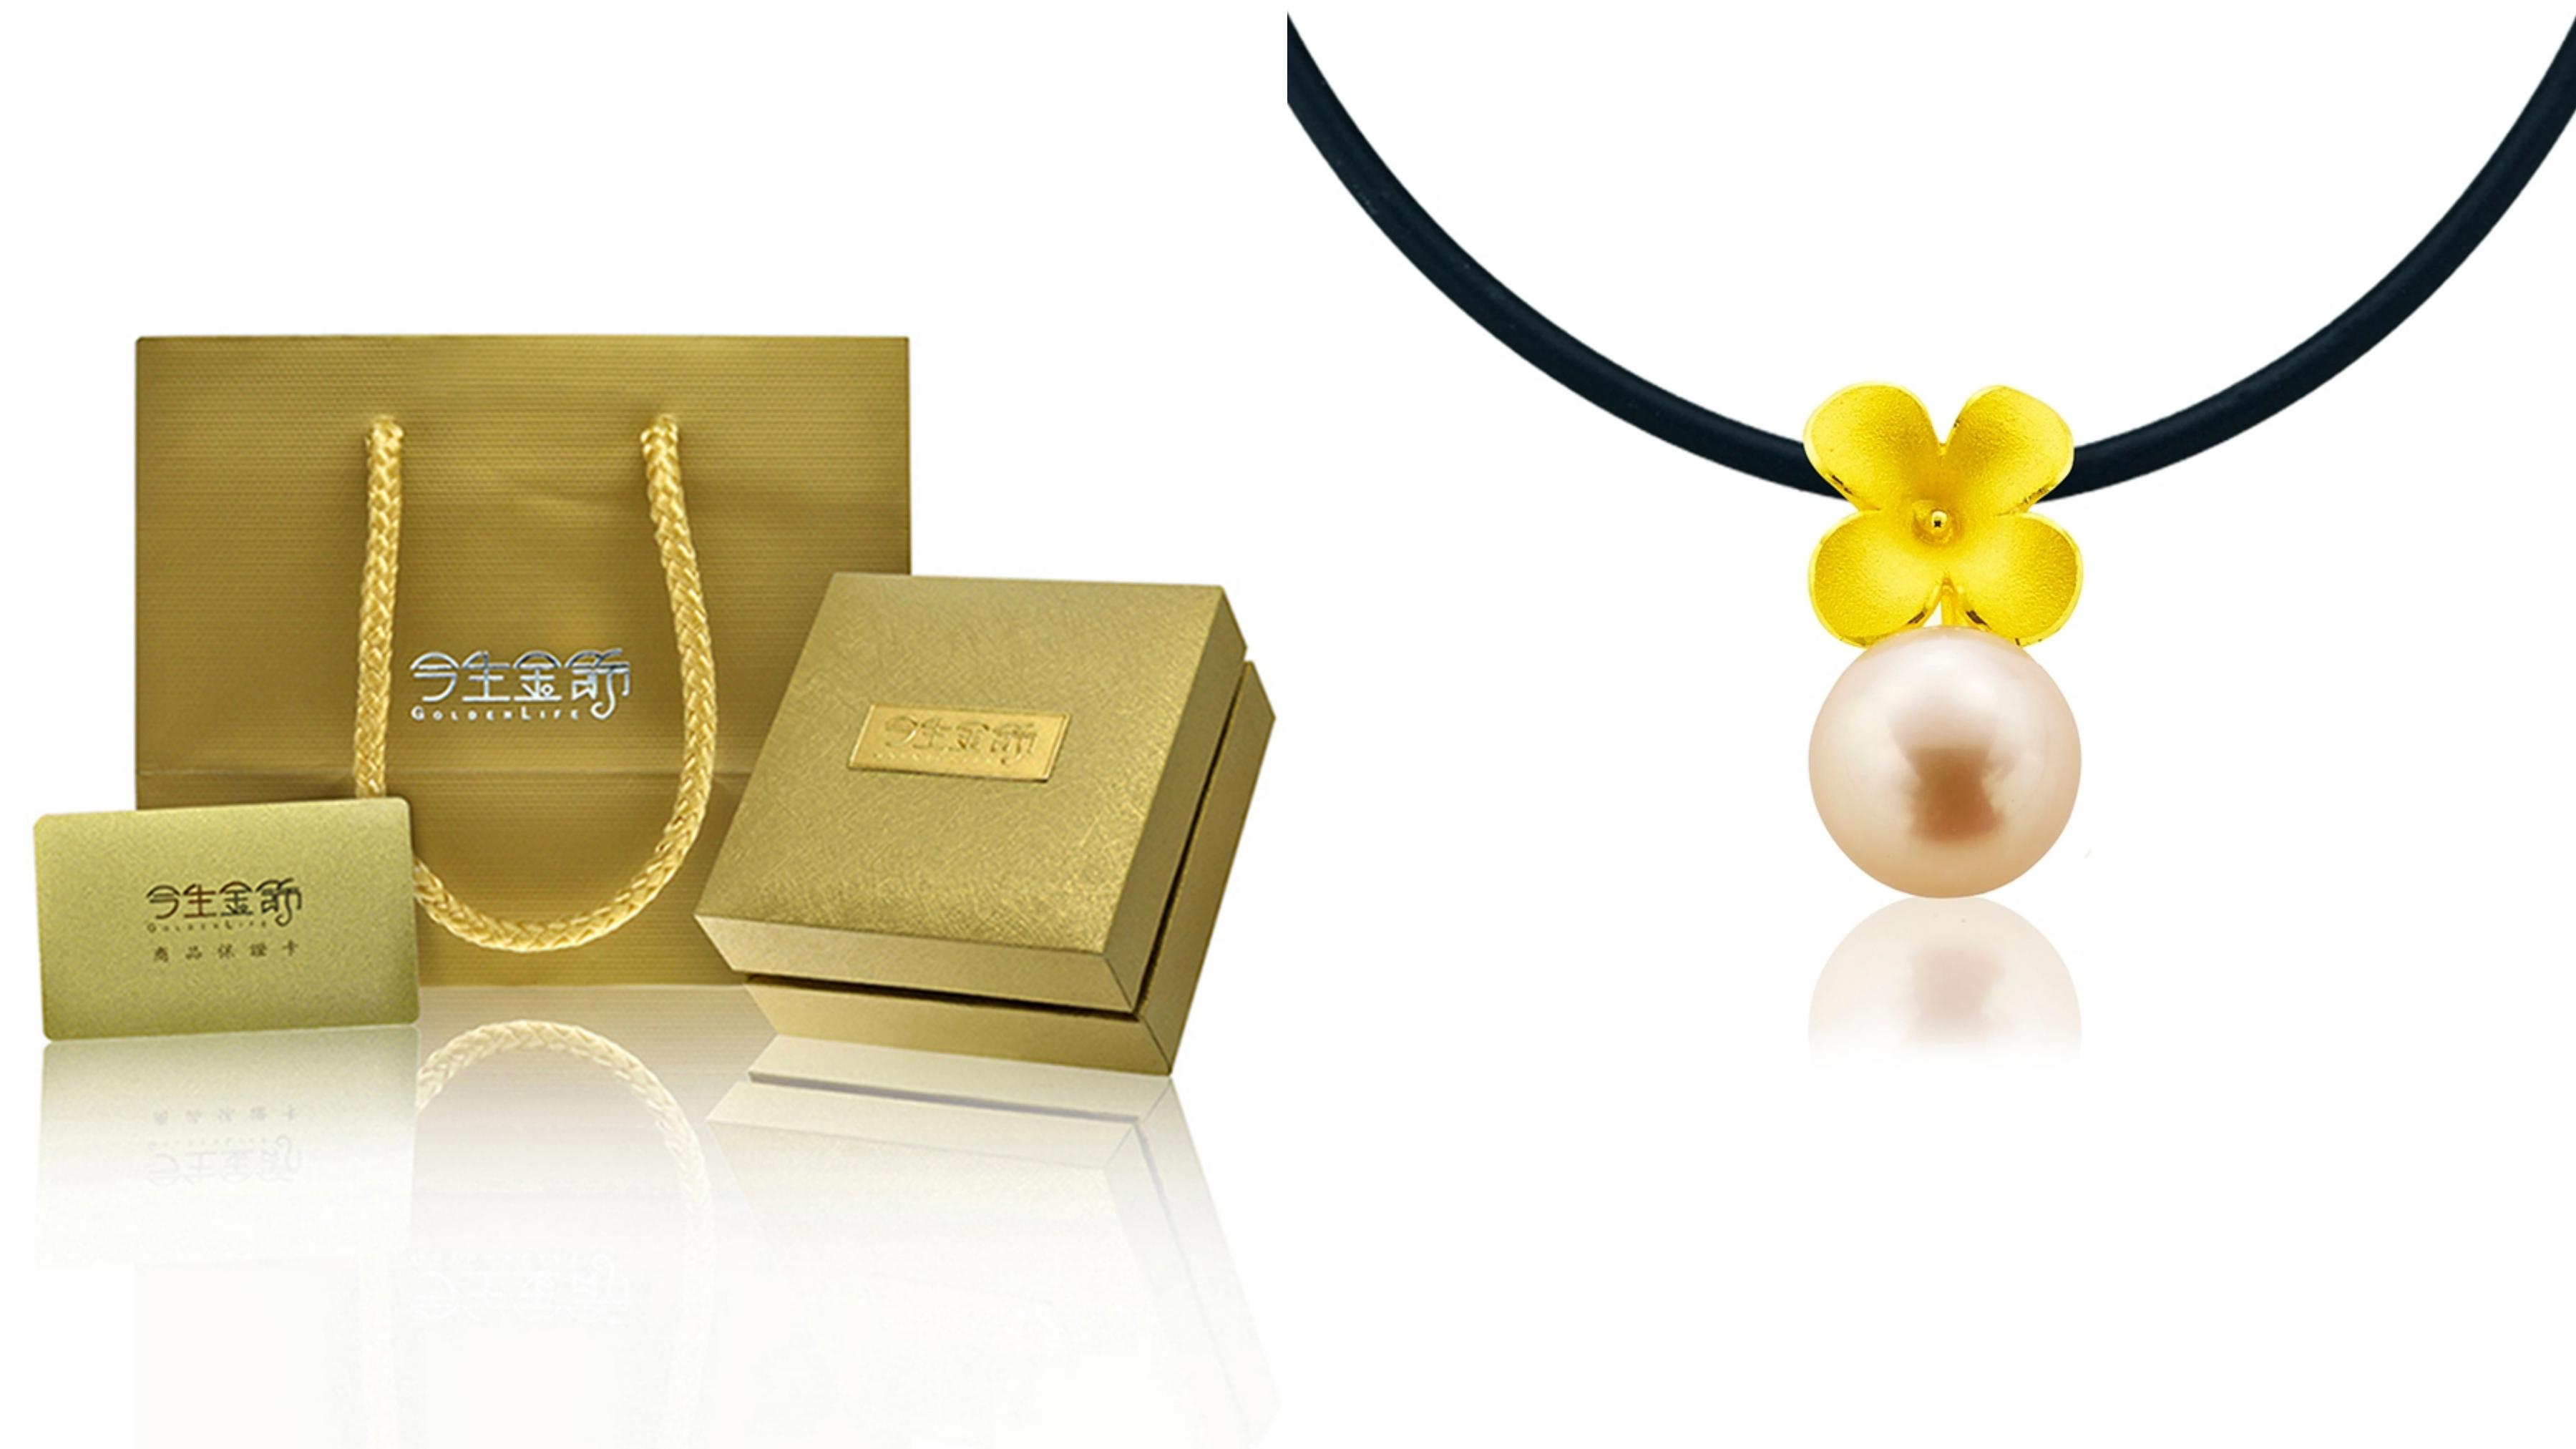 立體花朵結合柔美珍珠的時尚設計款式,最適合氣質美人